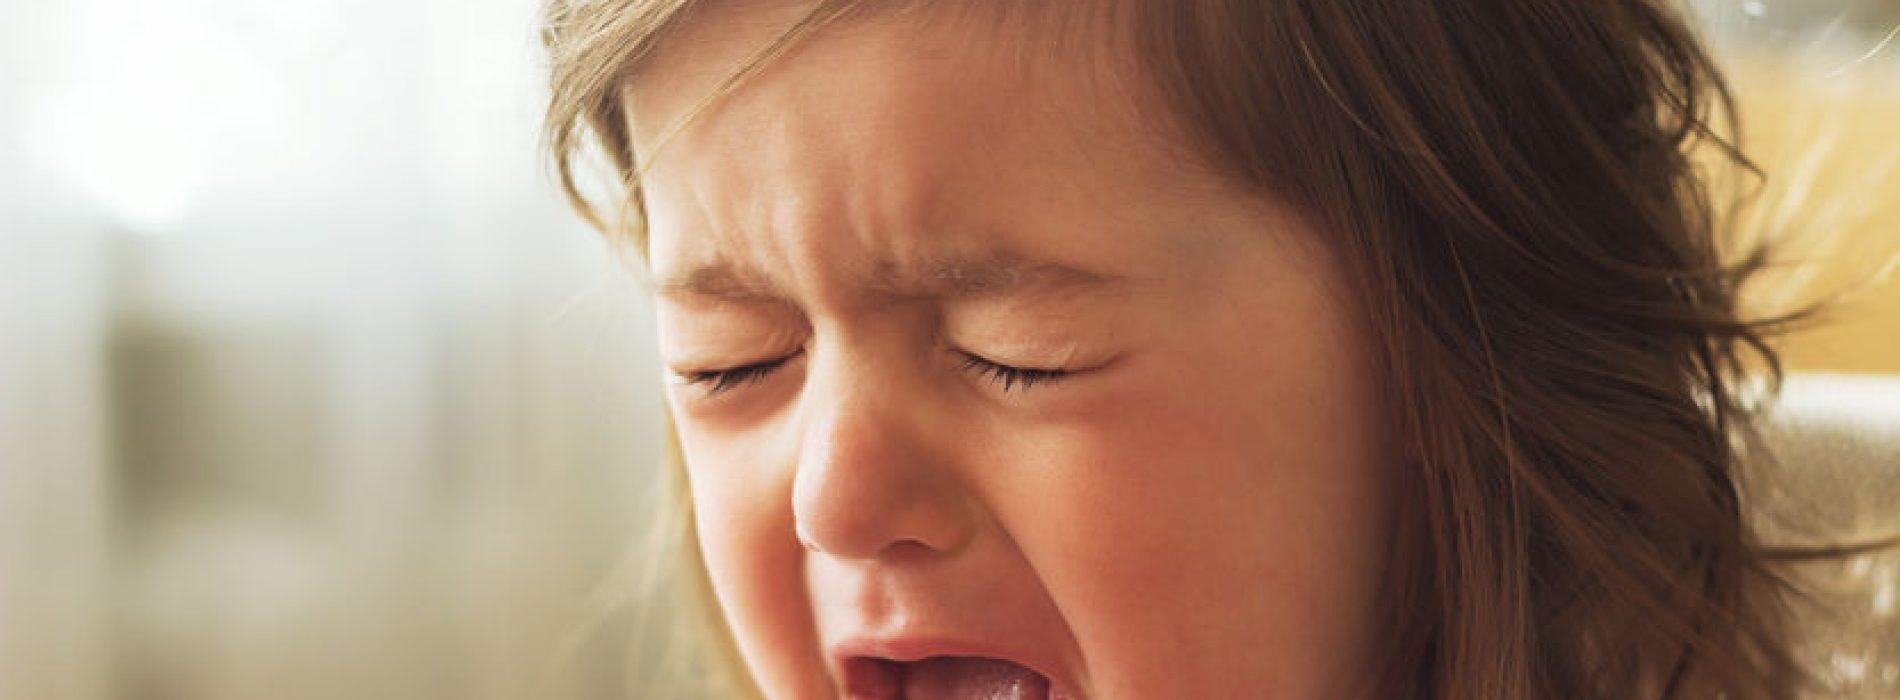 Swędząca choroba, która może pozostawiać blizny – czyli jak radzić sobie z maluchem zarażonym ospą